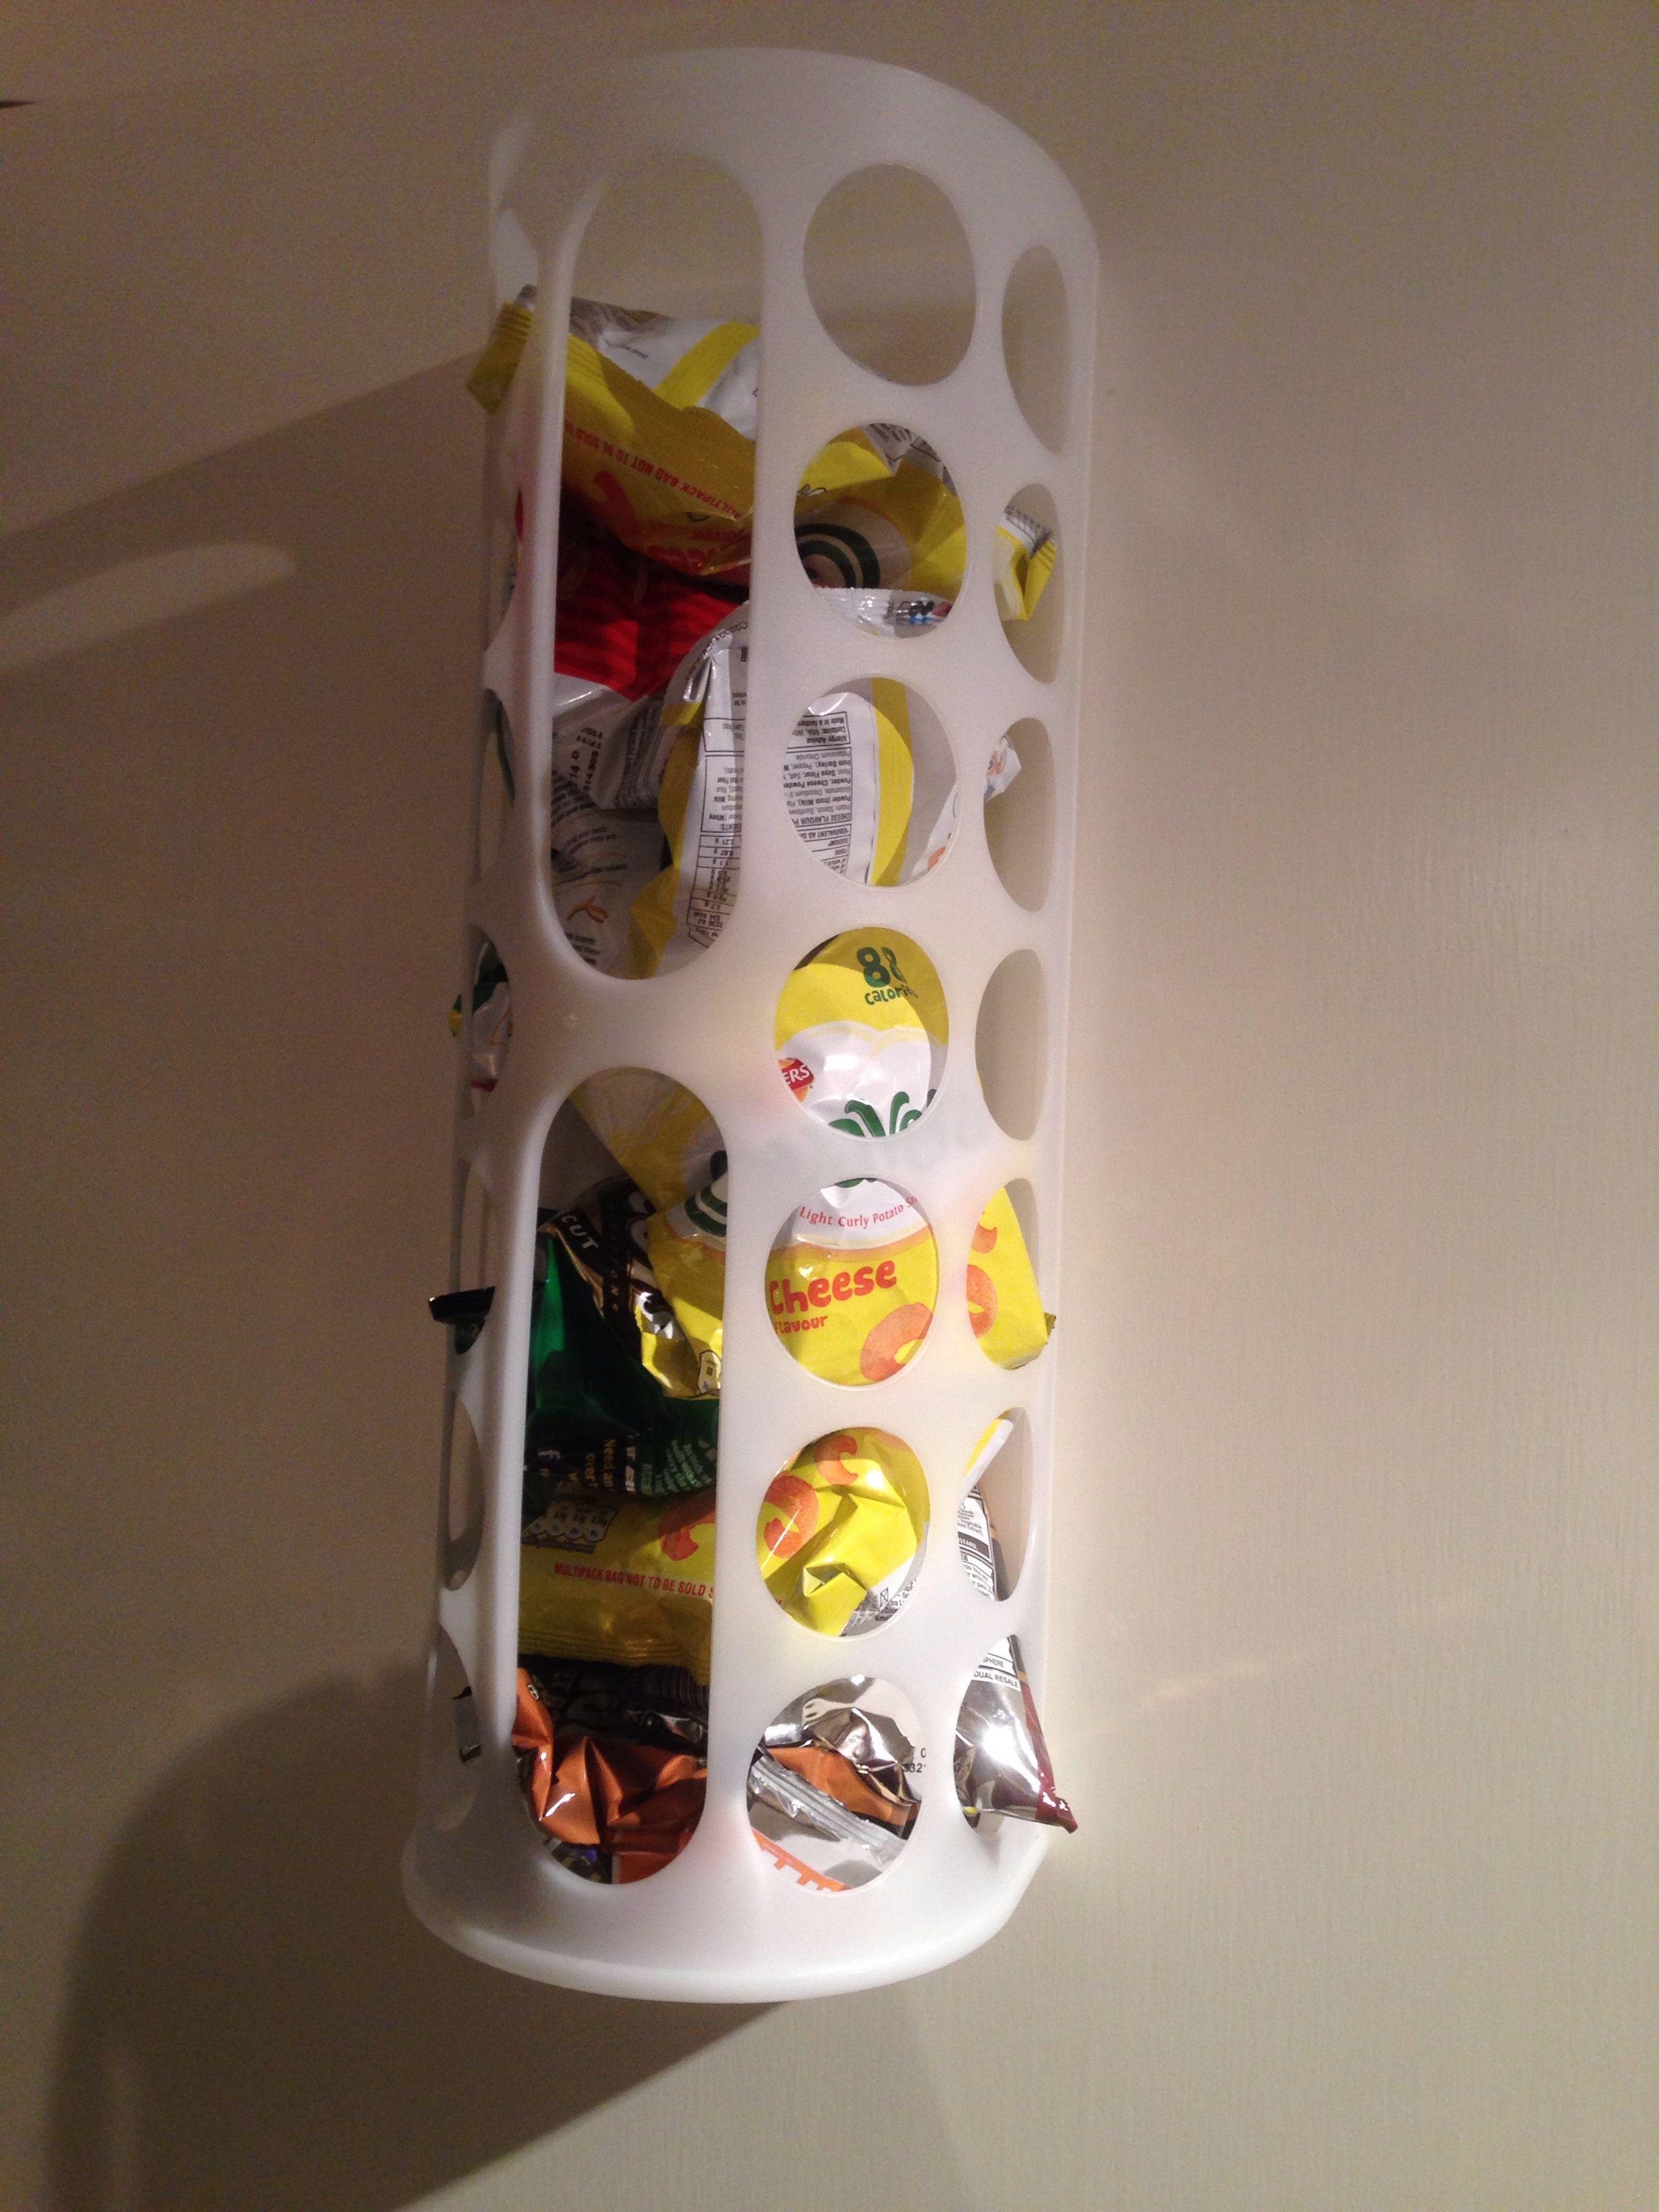 Ikea Variera Carrier Bag Holder As Crisps Chips Storage On The